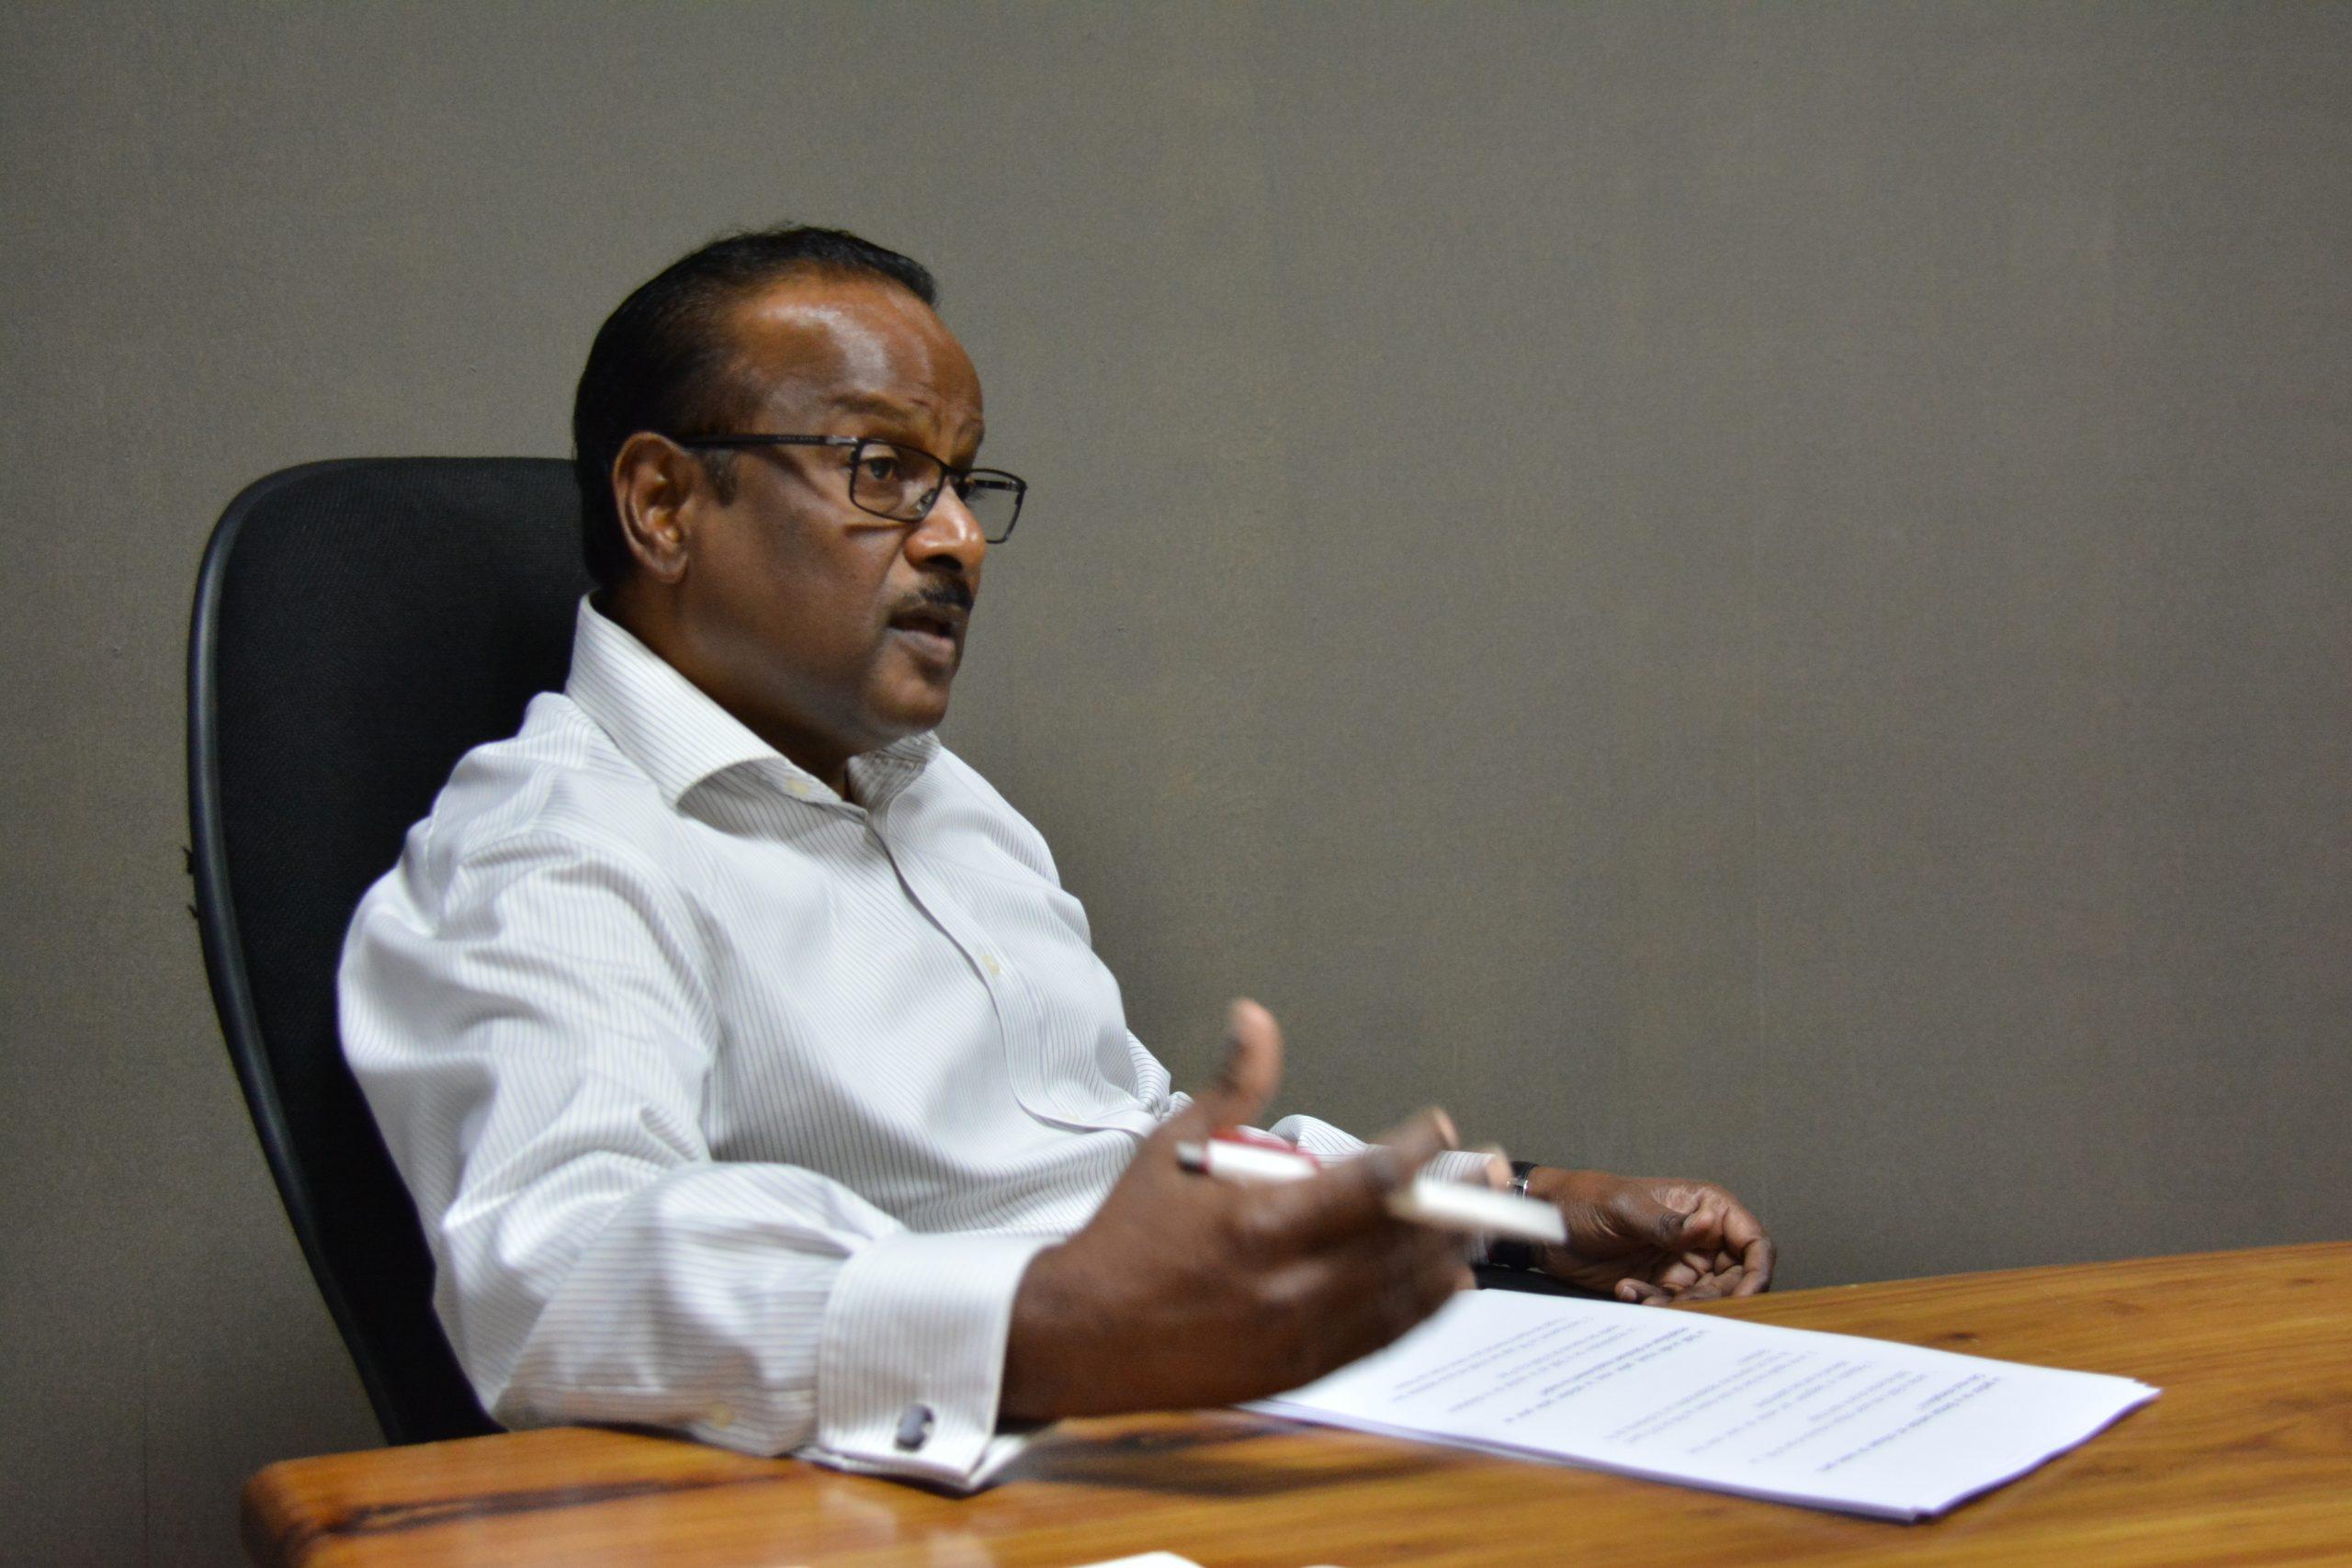 Sudhir Sesungkur « Pourquoi l'Escrow Agent Kavi Ramano est-il épargné ? »   Sunday Times